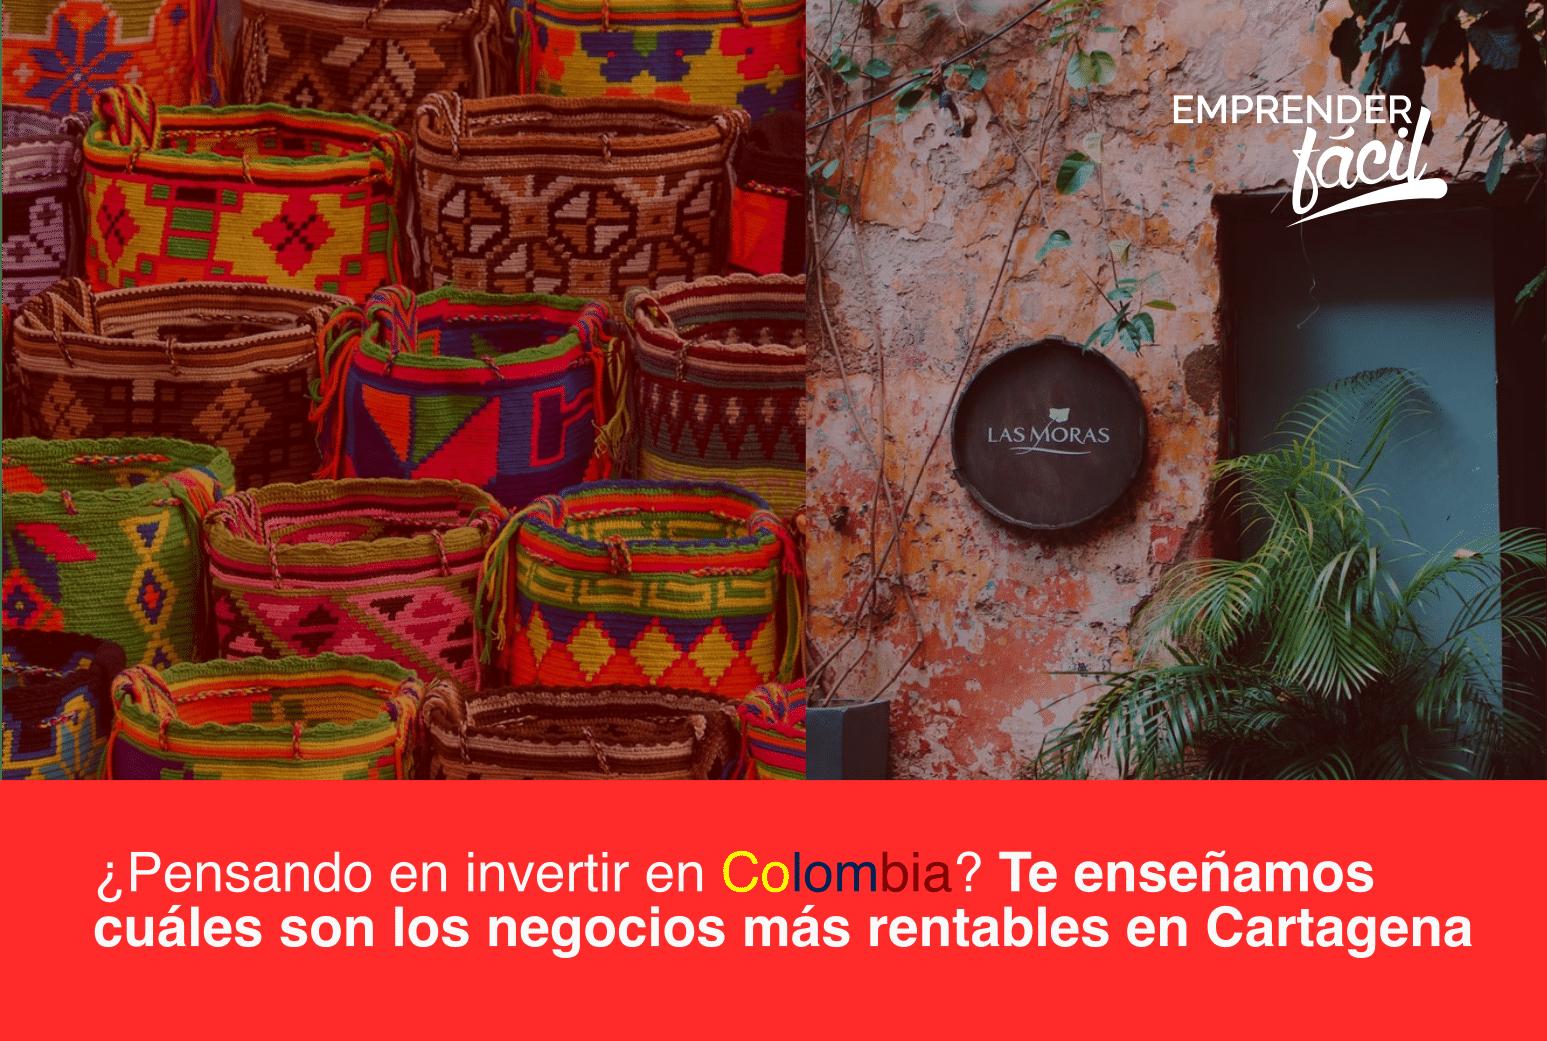 Negocios rentables en Cartagena, Colombia ¡Exitosos!